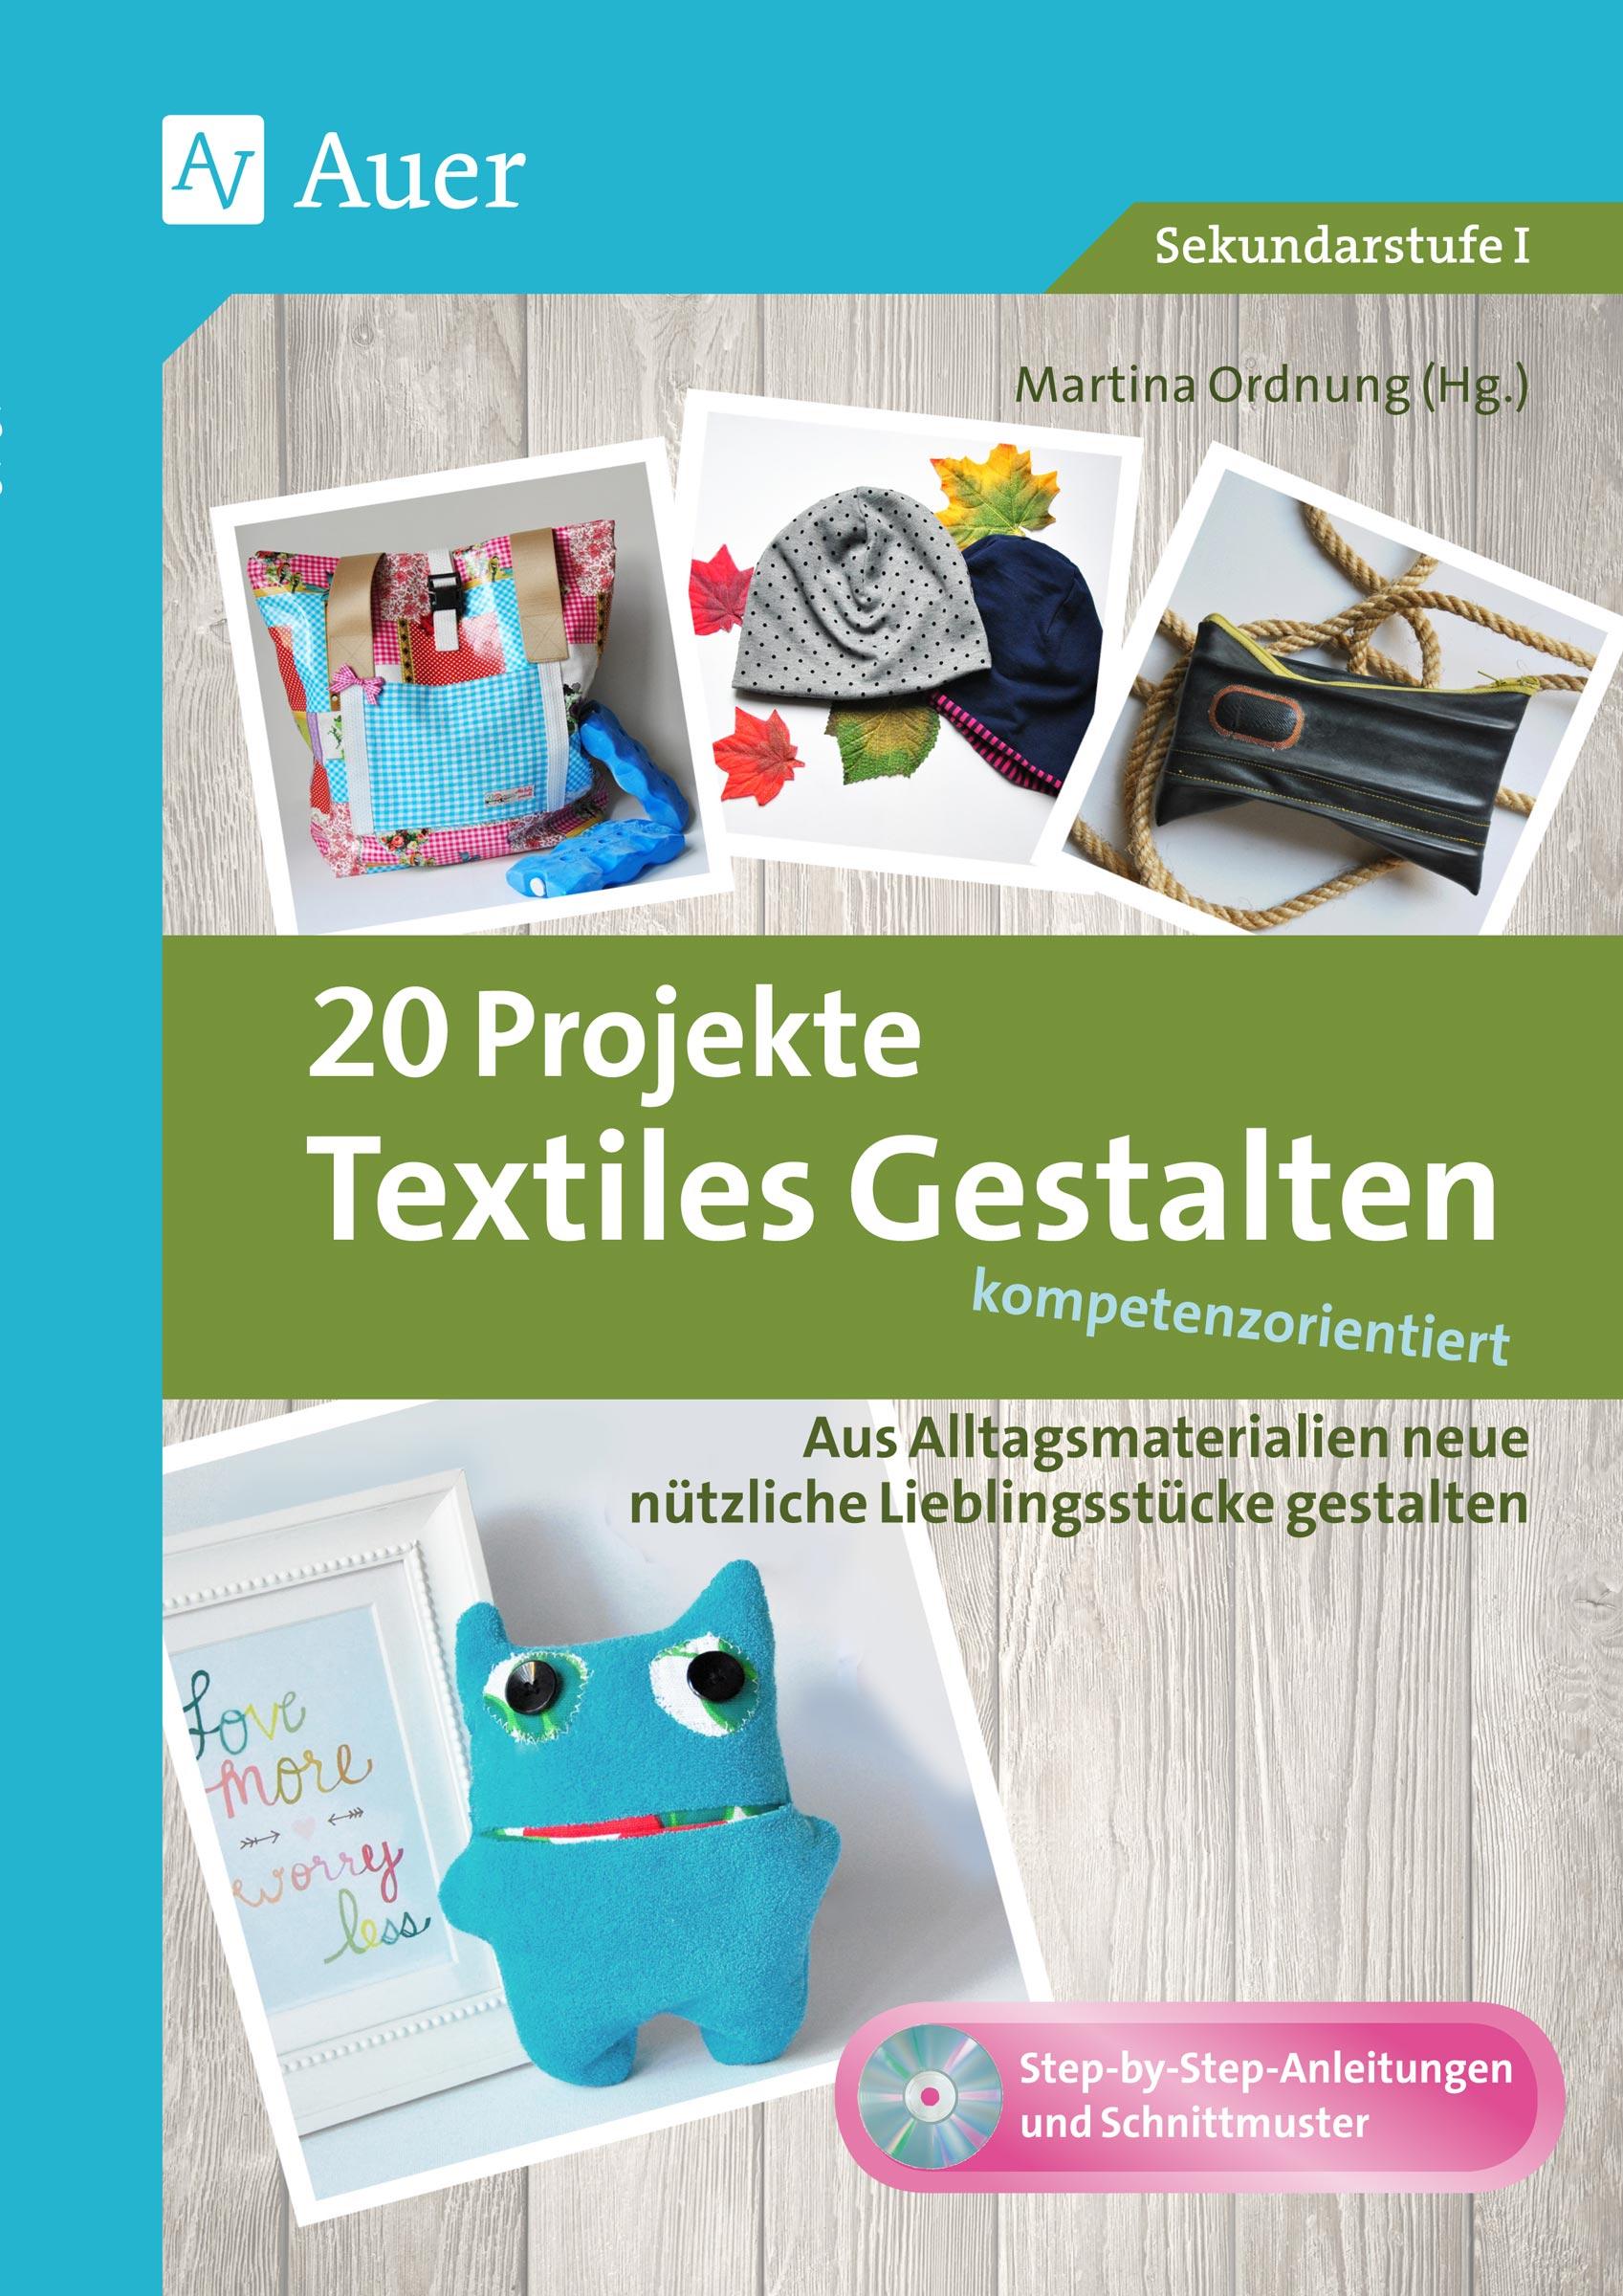 20 projekte textiles gestalten kompetenzorientiert von. Black Bedroom Furniture Sets. Home Design Ideas